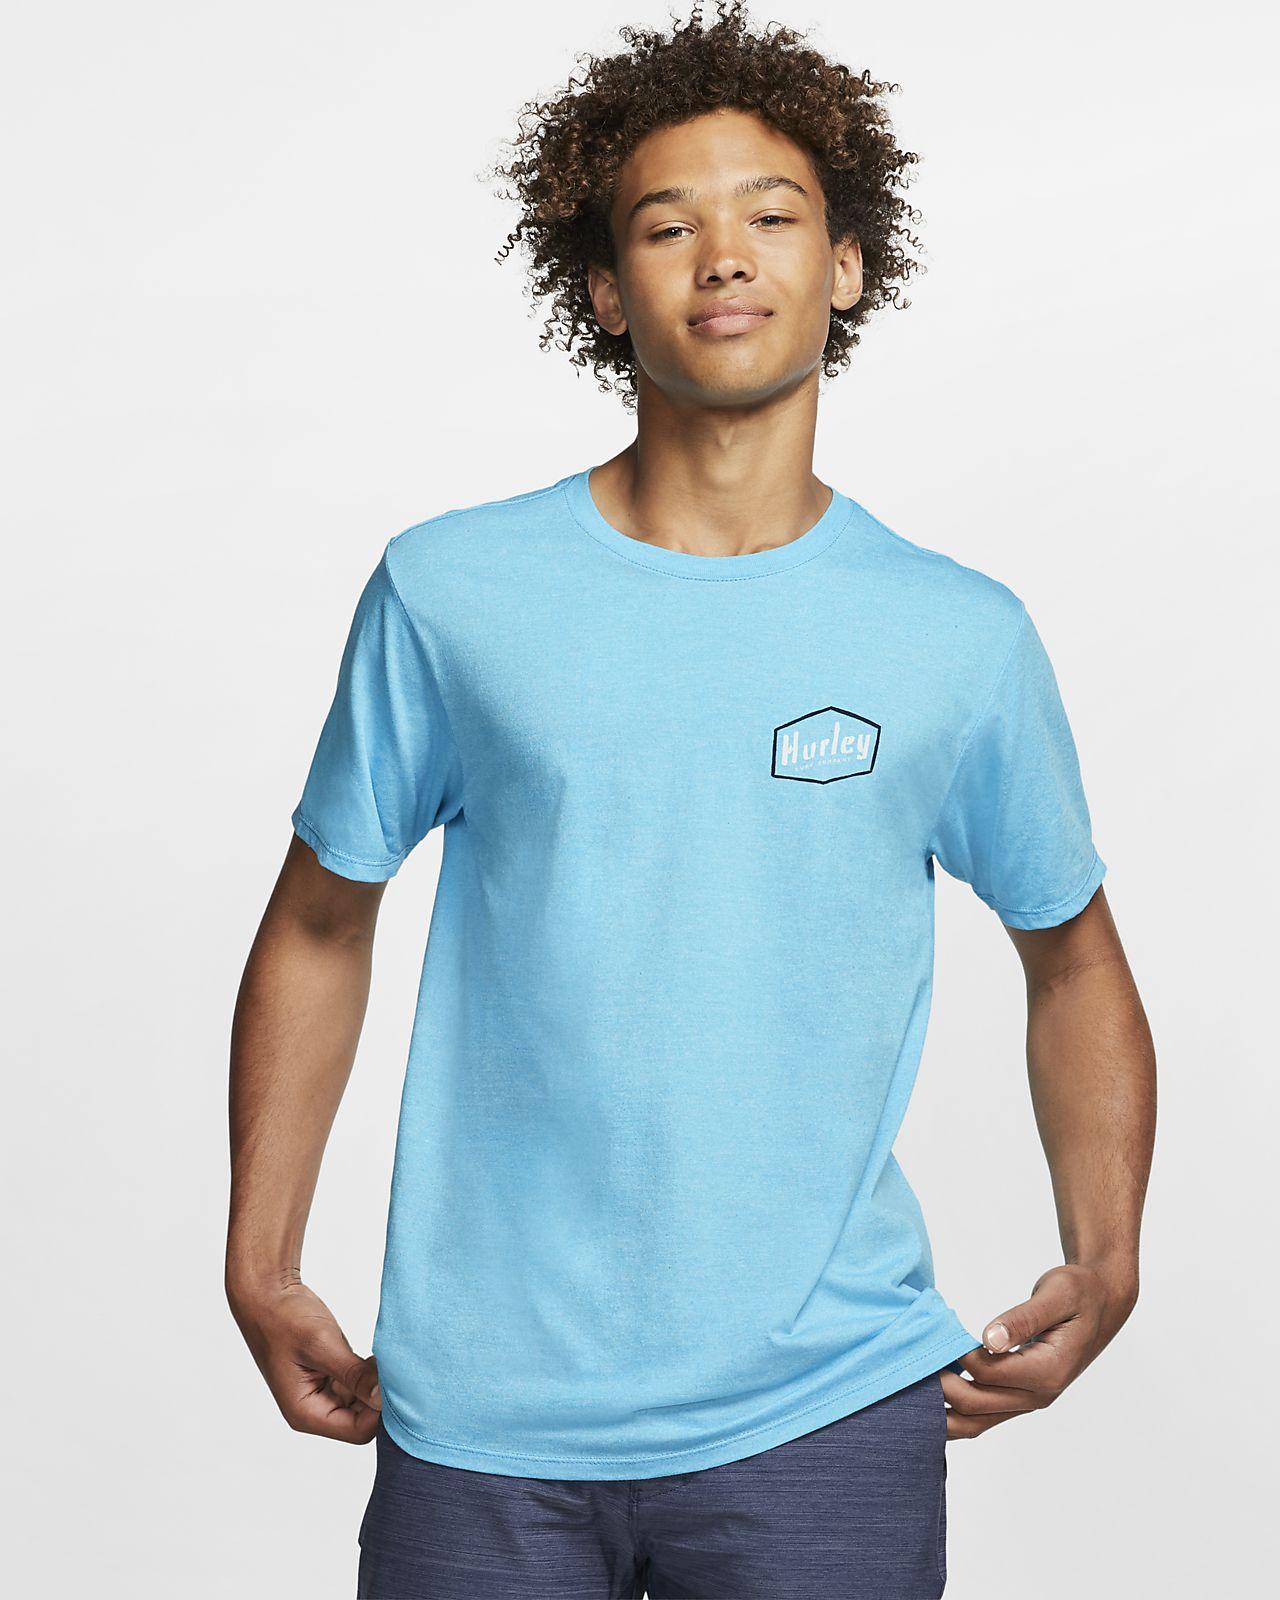 Hurley Slanter Herren-T-Shirt